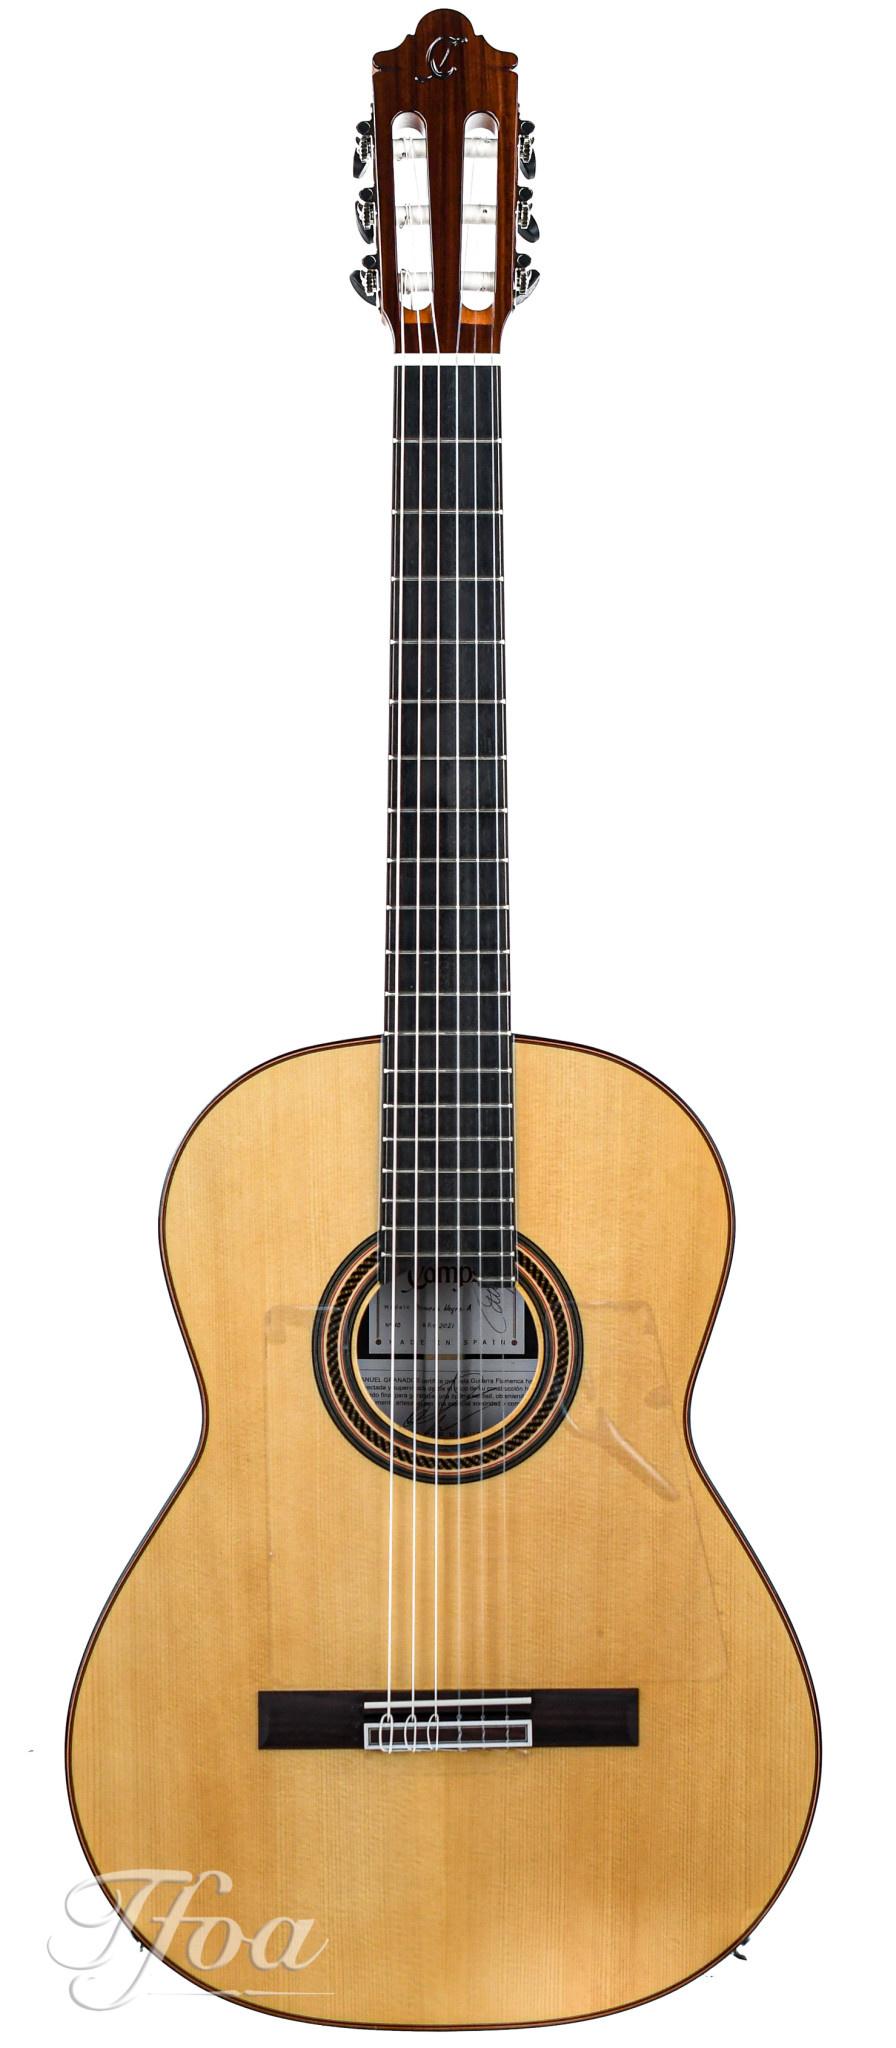 Guitarras Camps Primera Negra A Rosewood